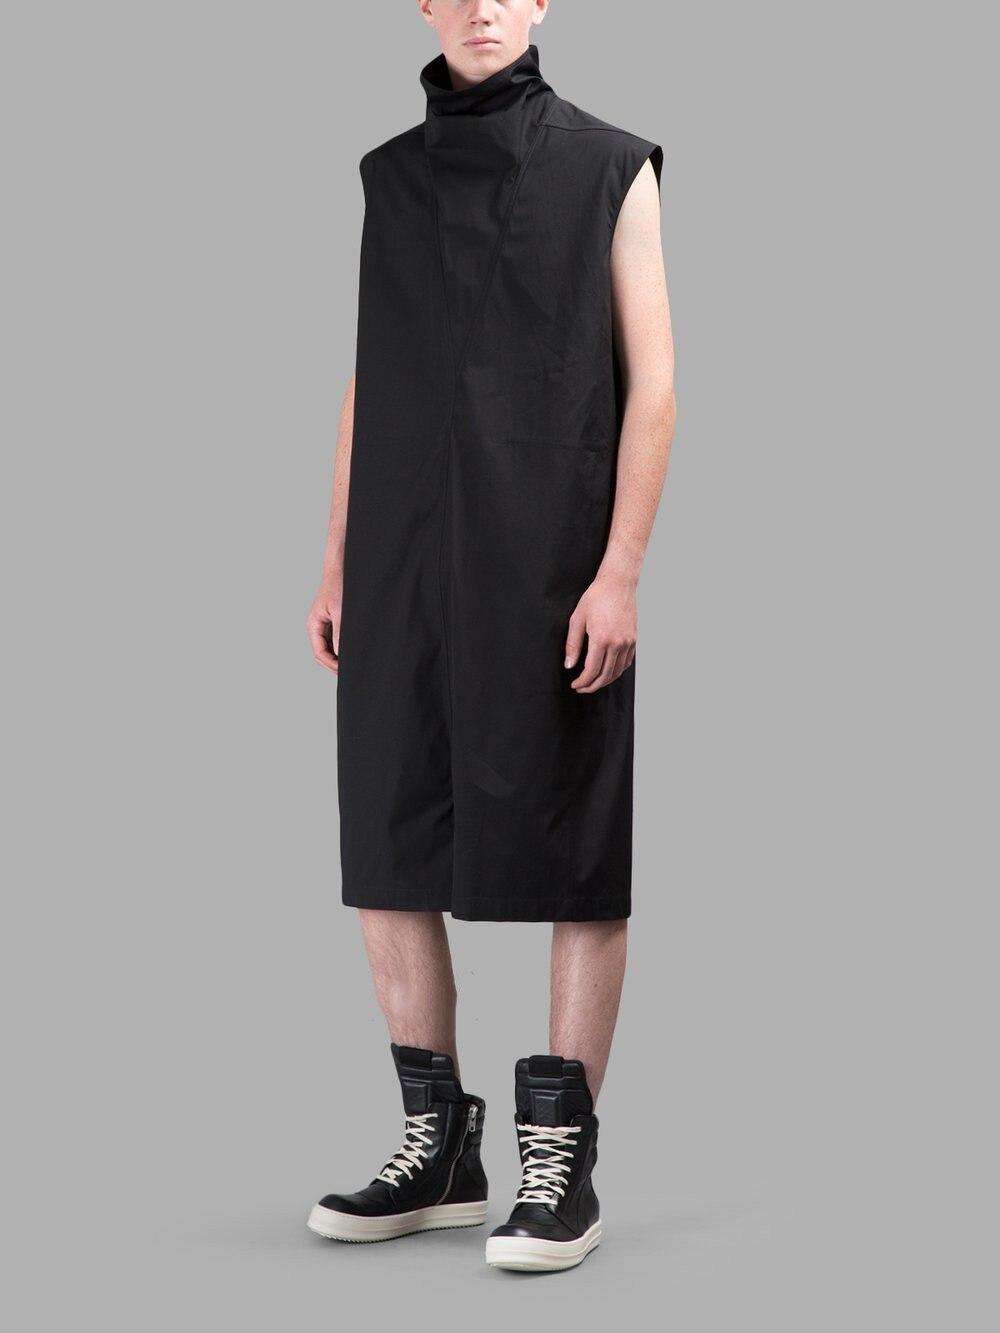 27-37! Hommes et femmes avec col de vêtements de style RO six personnalité sombre pantalons décontractés siamois en vrac livraison gratuite